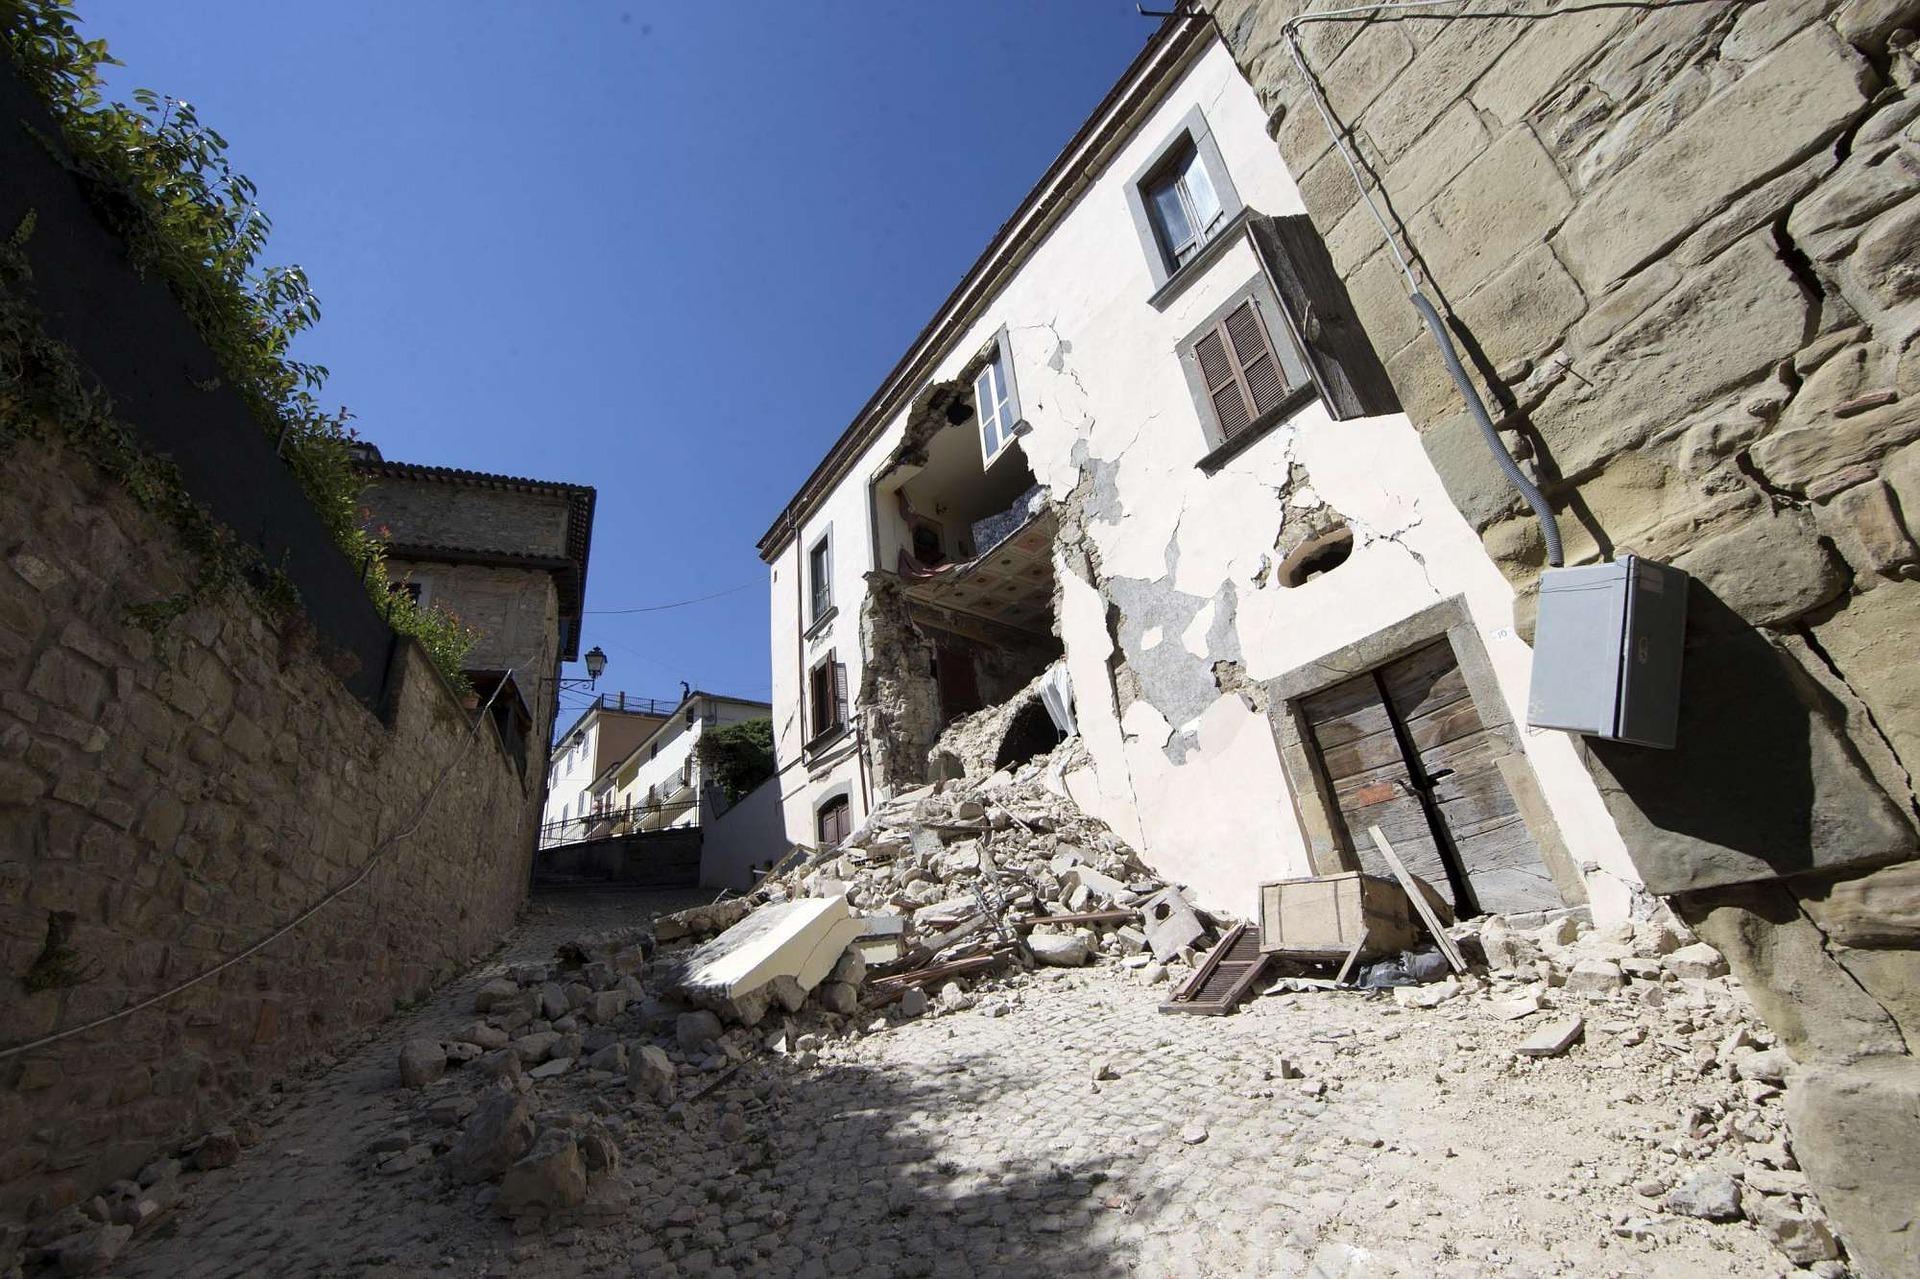 'Ik was op Lombok en maakte een aardbeving mee'